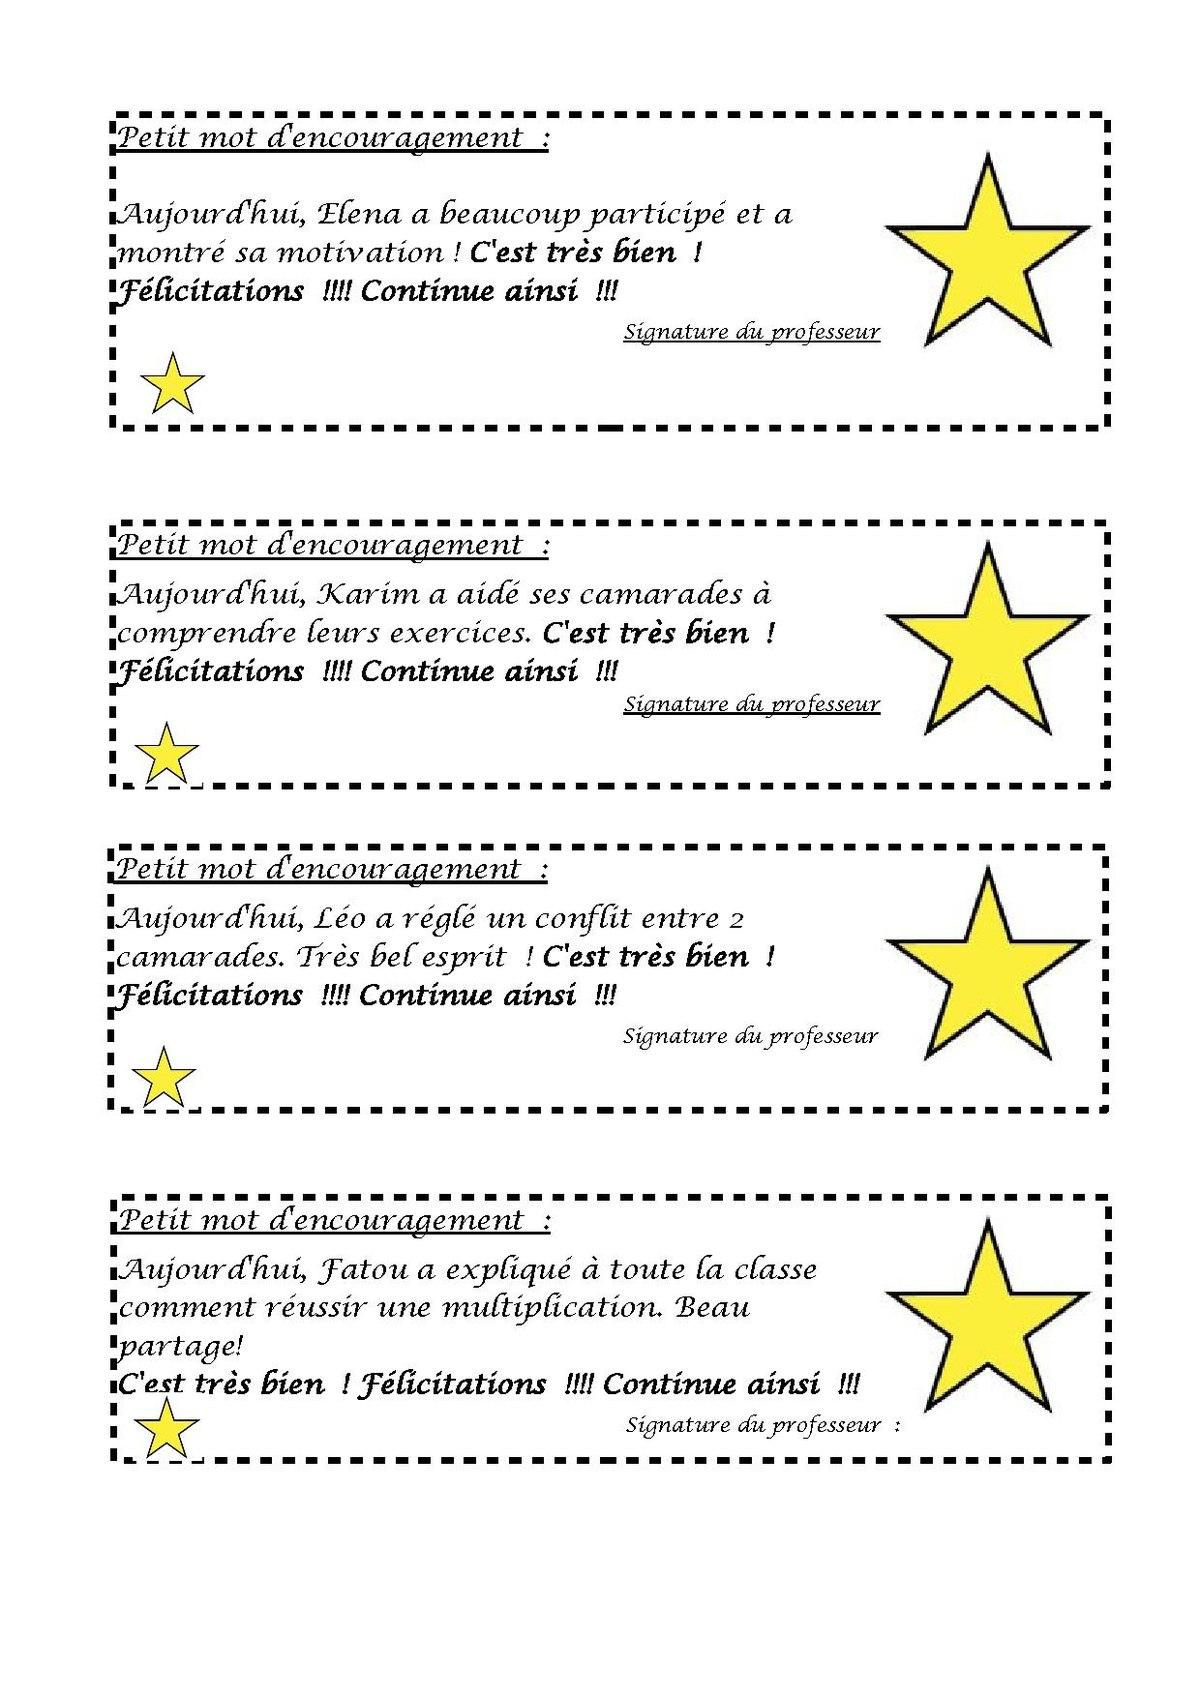 Fichier:Mot d'encouragement exemples.pdf — Wikiversité